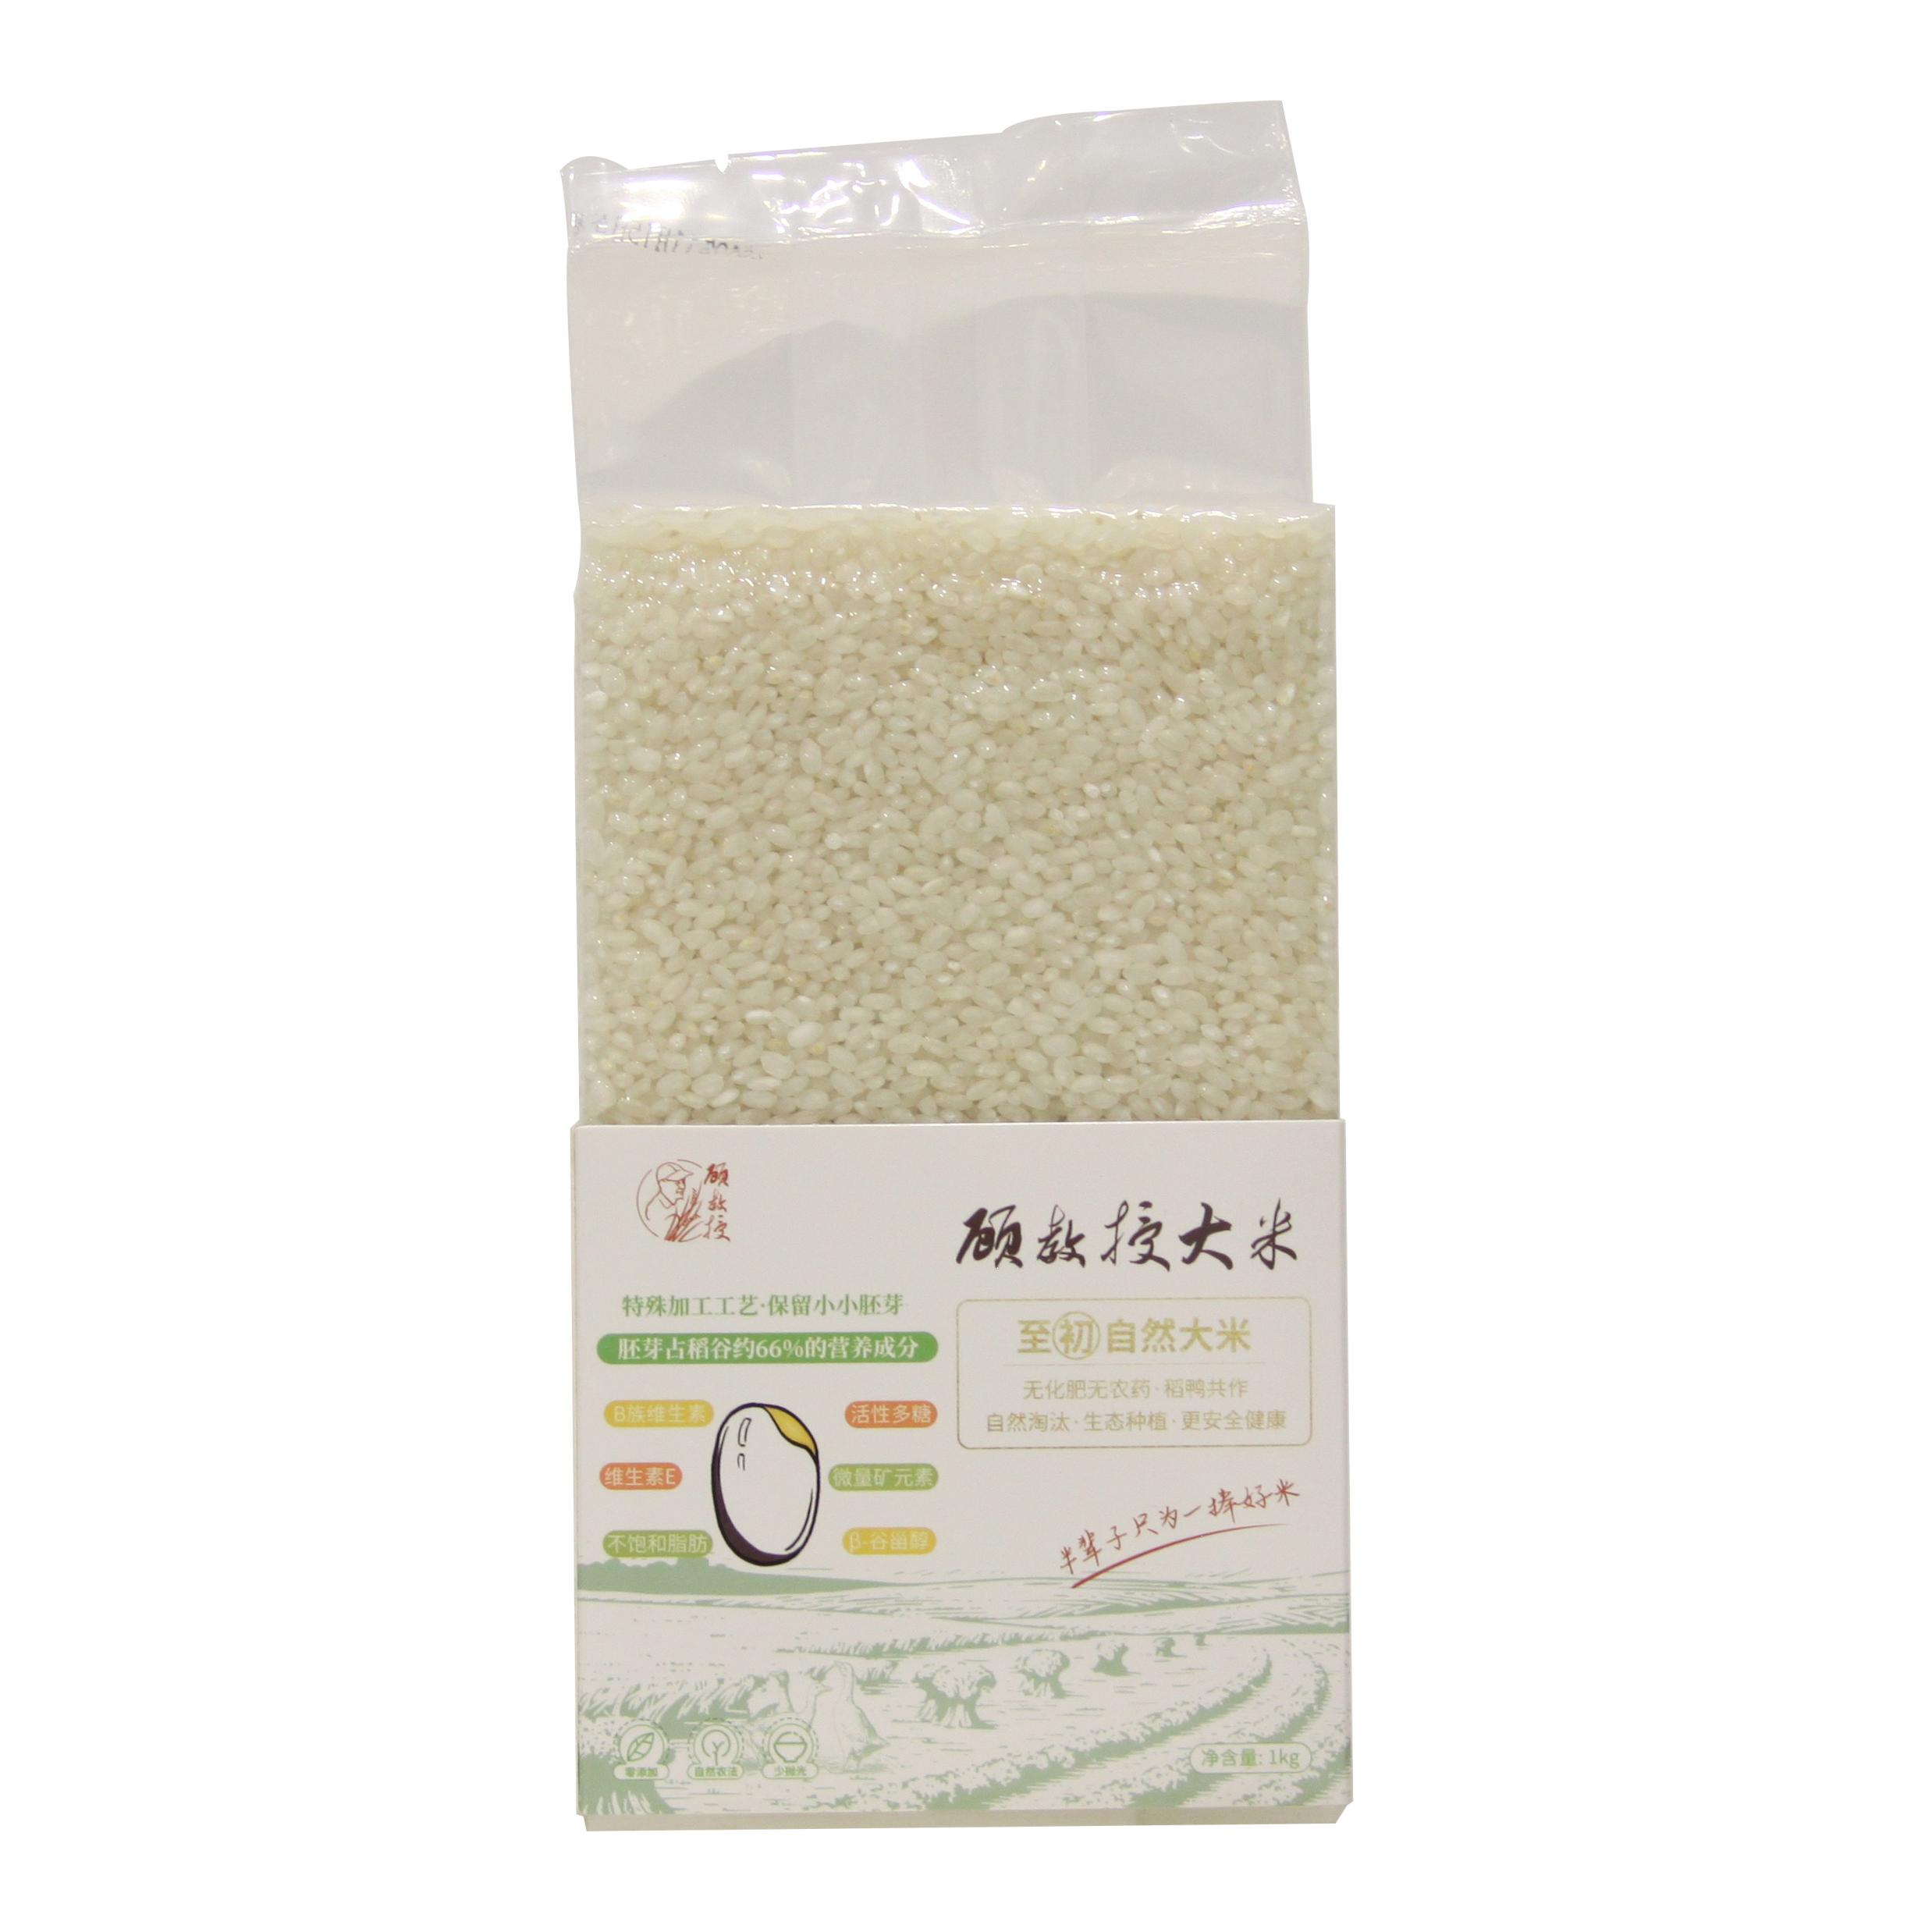 【顾教授自然大米】至初特供,稻鸭共作,高级自然农法种植,更有生命力的大米!